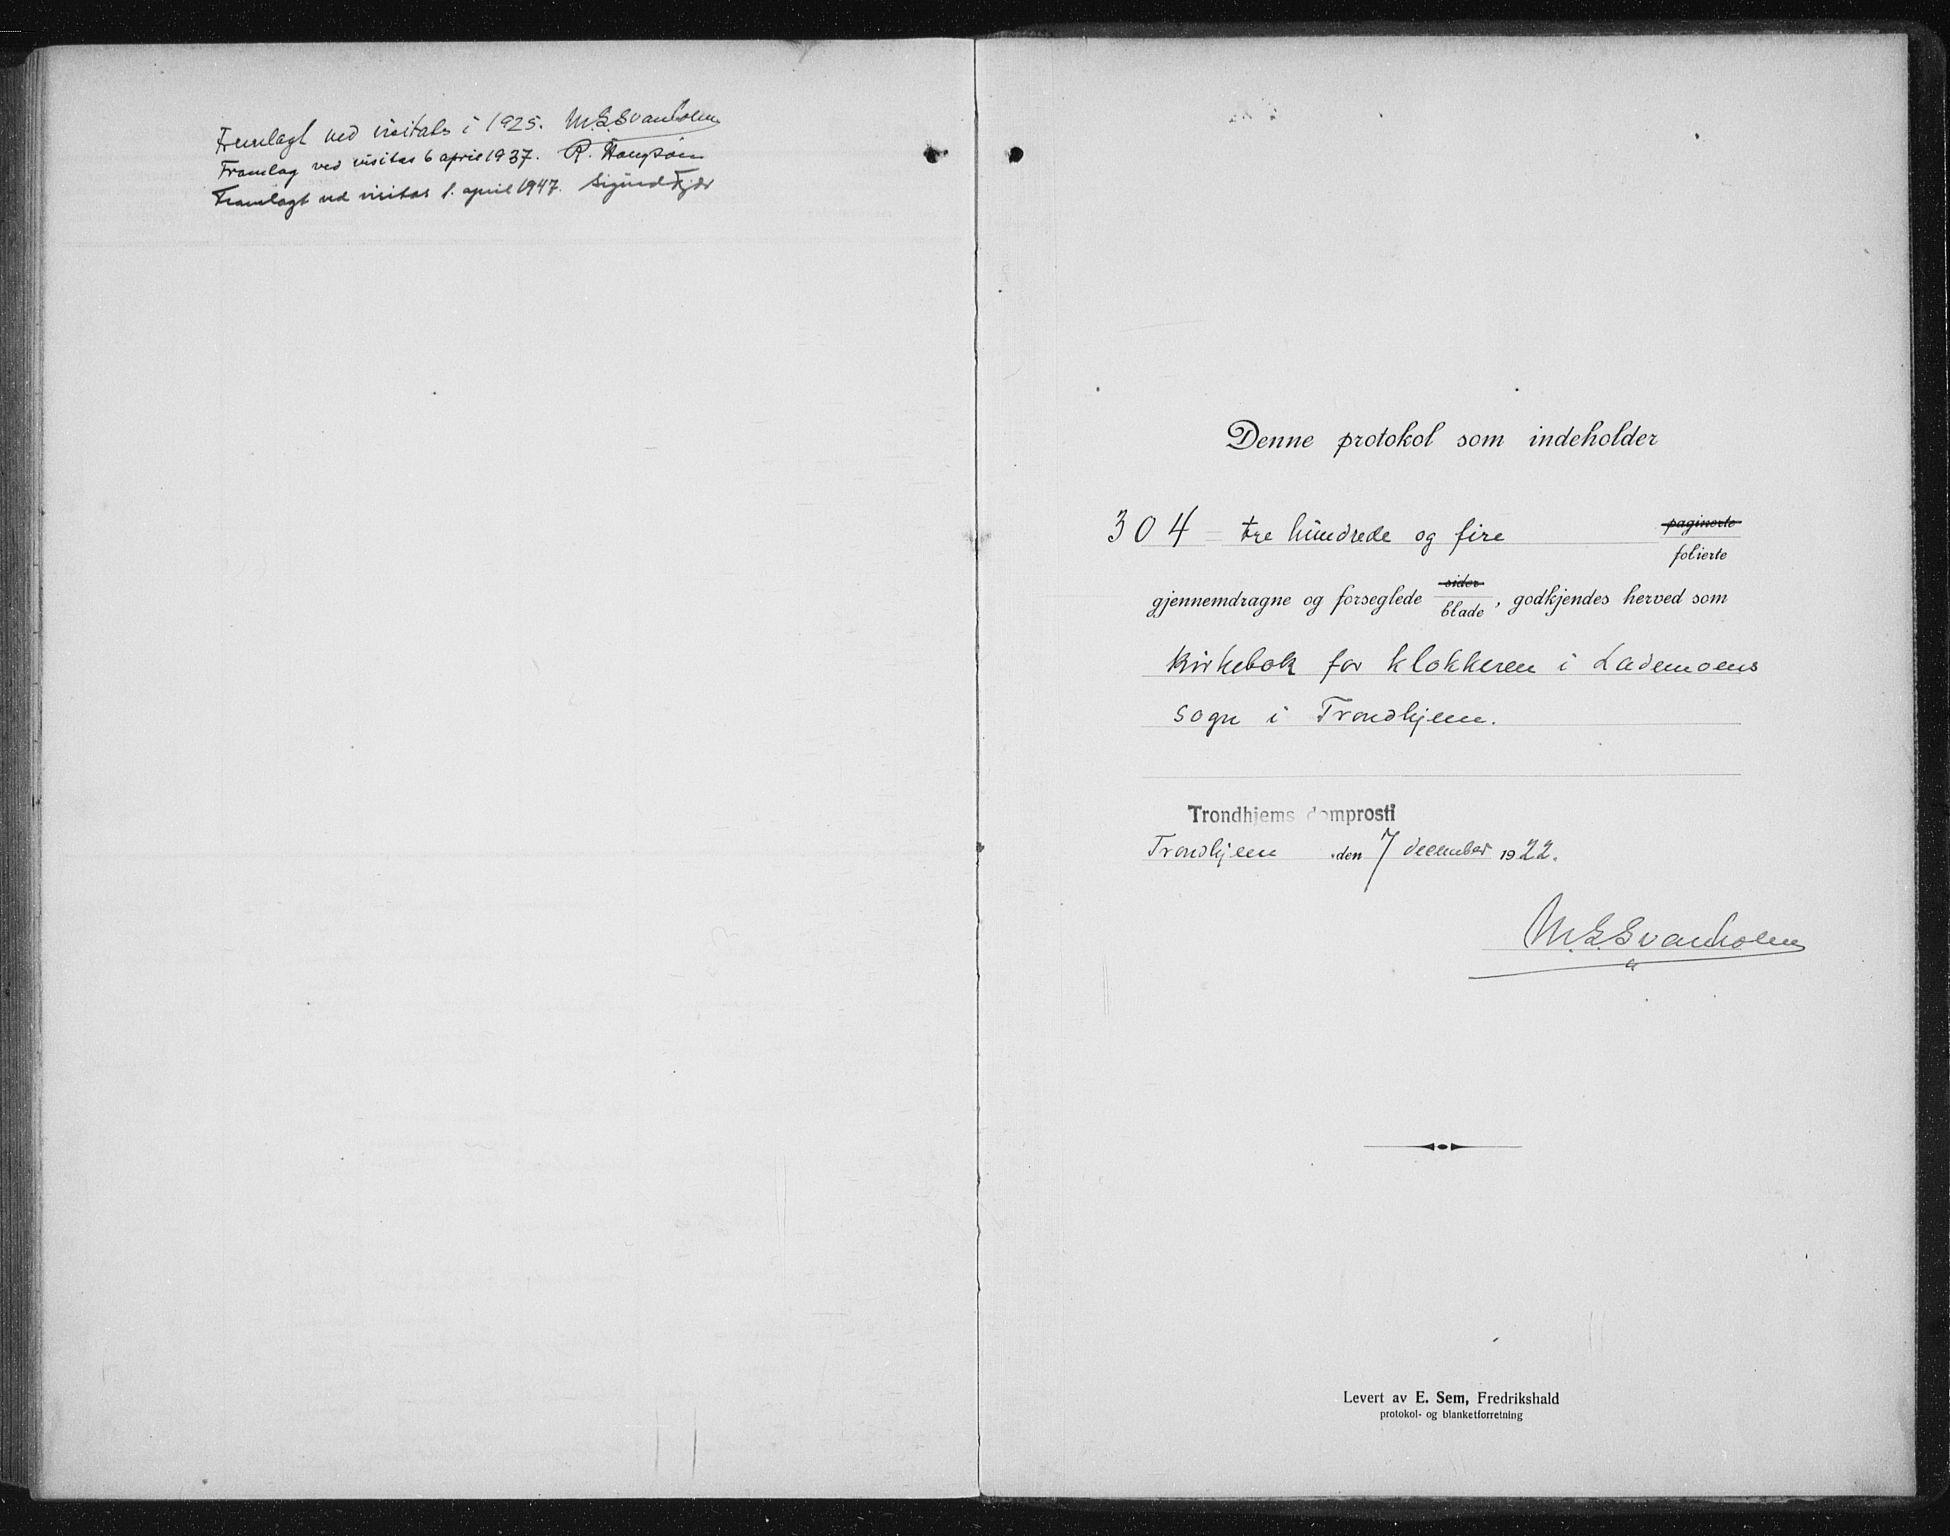 SAT, Ministerialprotokoller, klokkerbøker og fødselsregistre - Sør-Trøndelag, 605/L0260: Klokkerbok nr. 605C07, 1922-1942